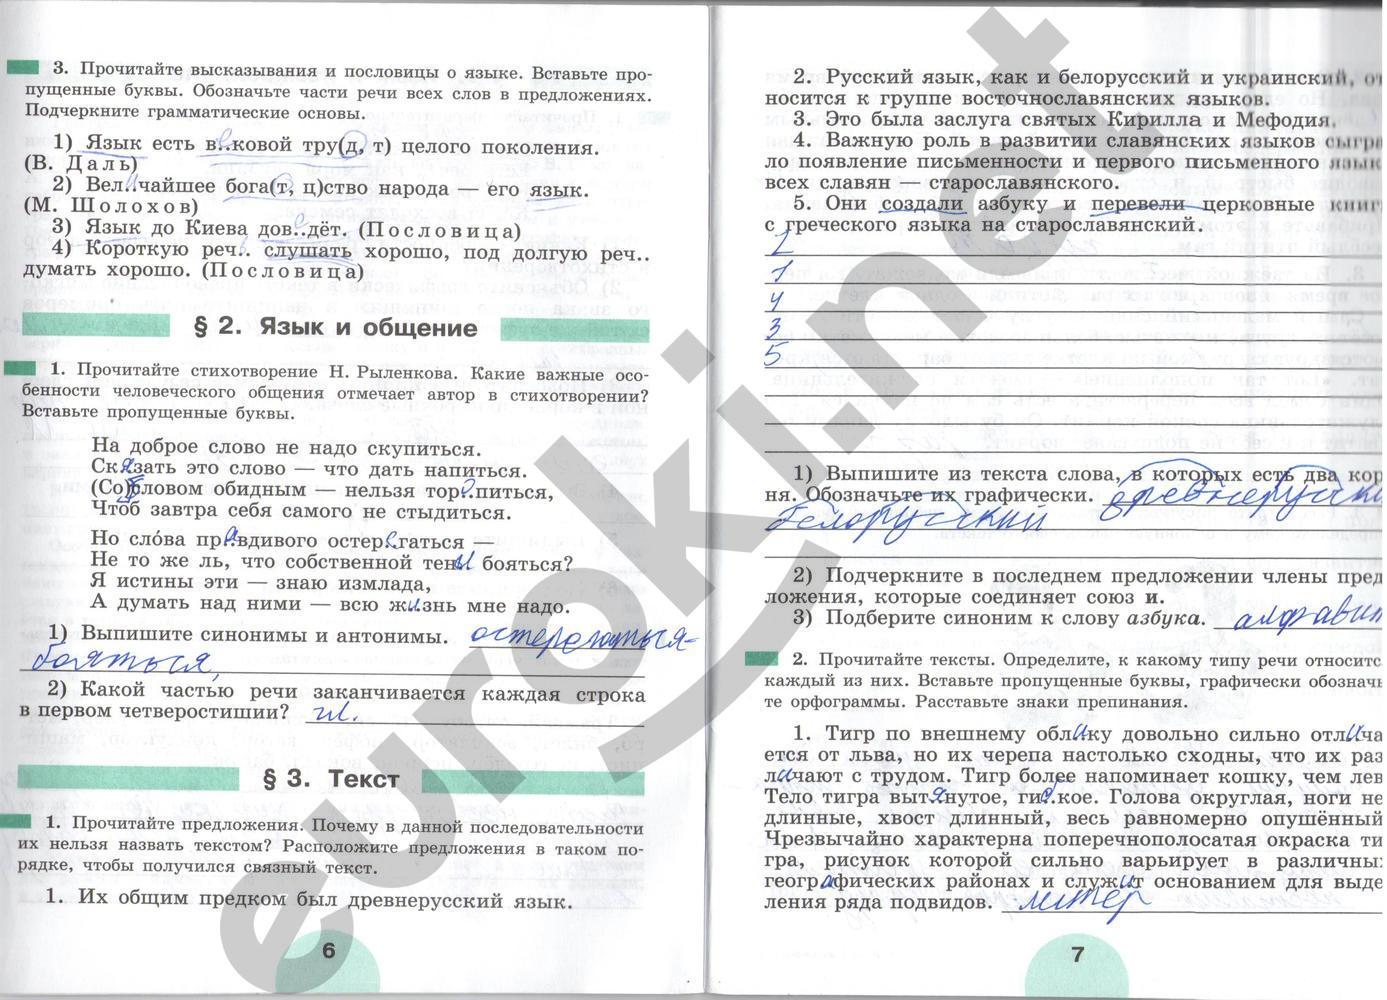 рабочей гдз класс языку по 5 2 по тетради русскому рыбченкова